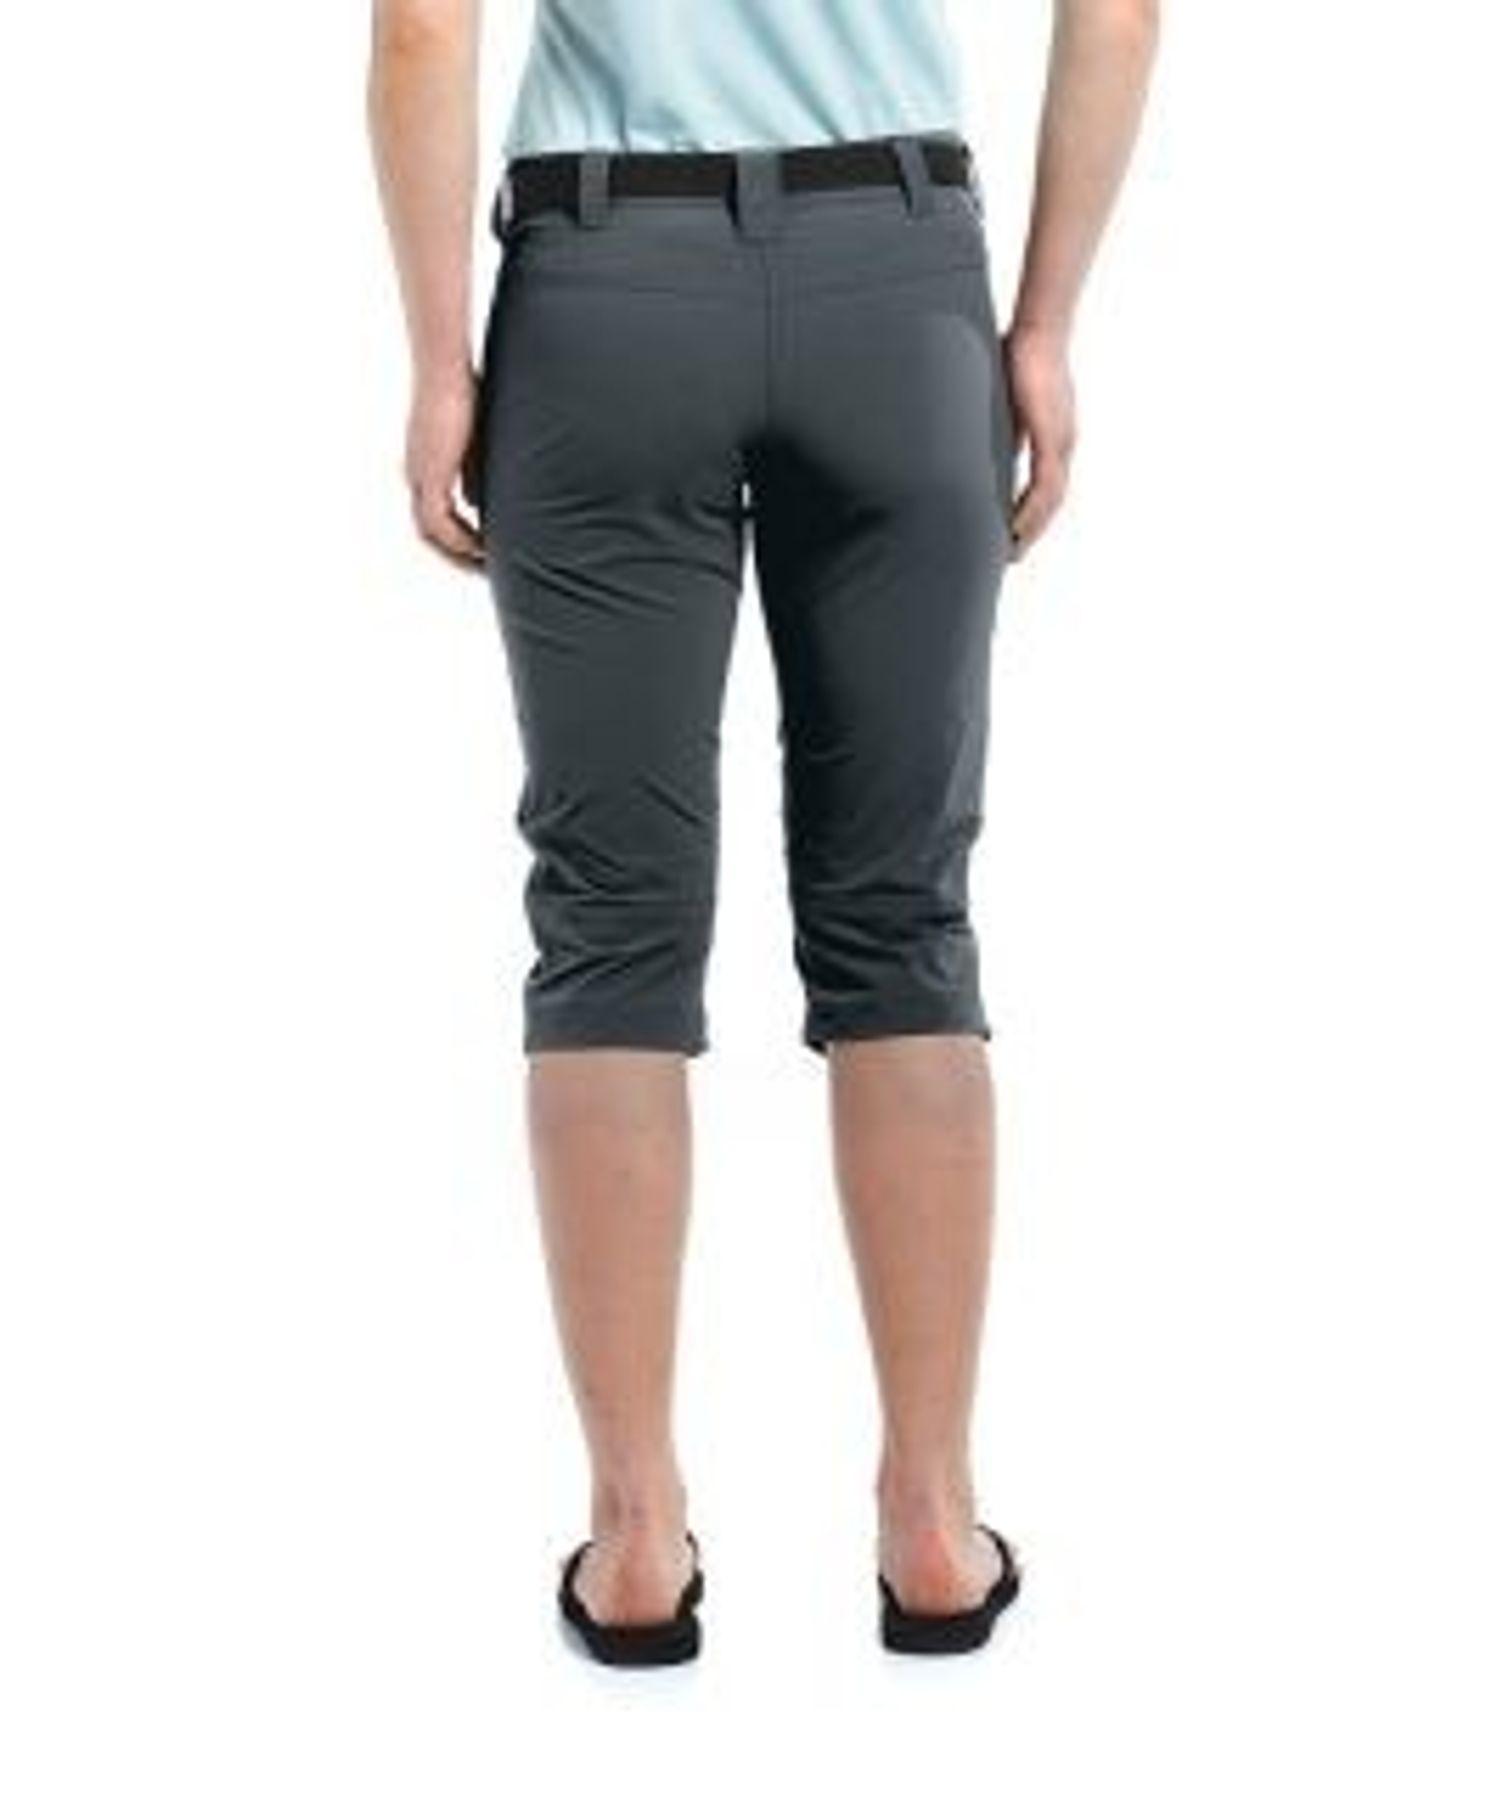 Maier Sports- Damen Funktions und  Outdoor Hose in Graphit oder Black Artikel Inara (232009) – Bild 4